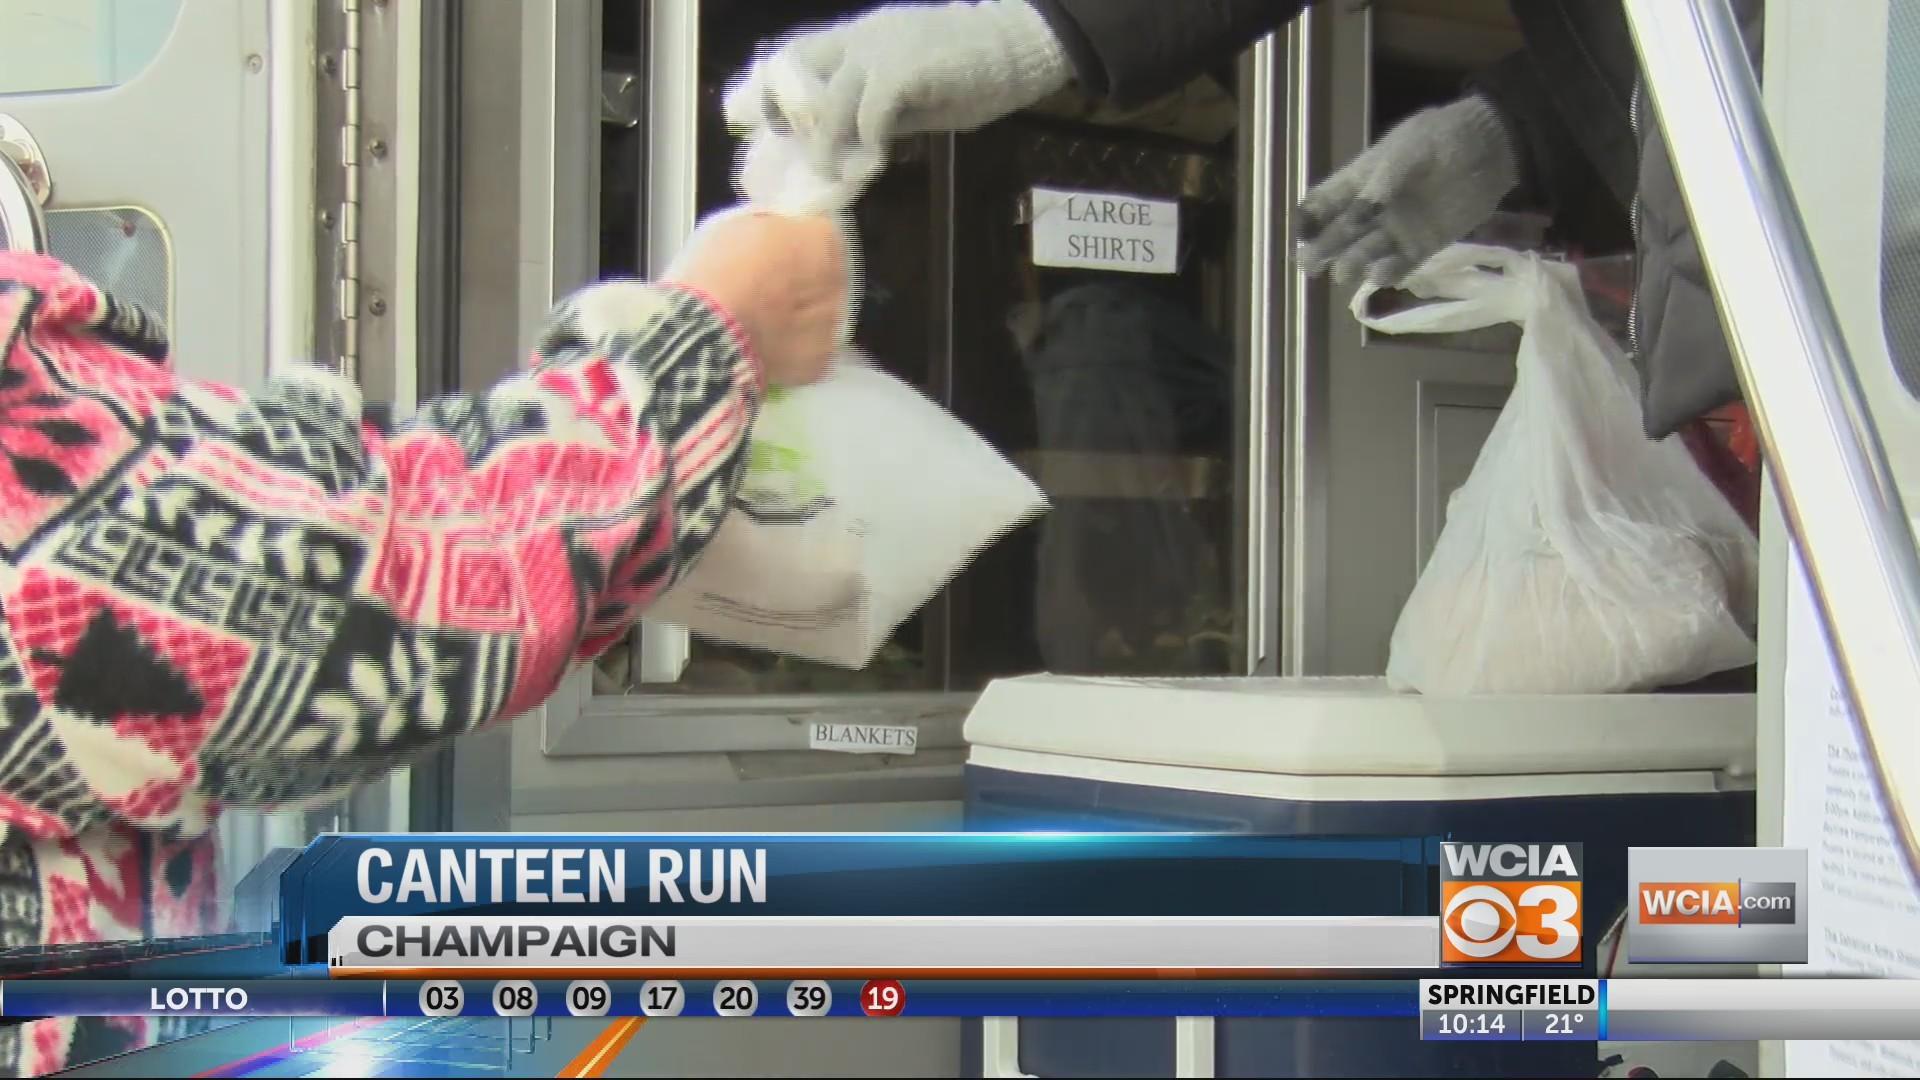 Canteen Run